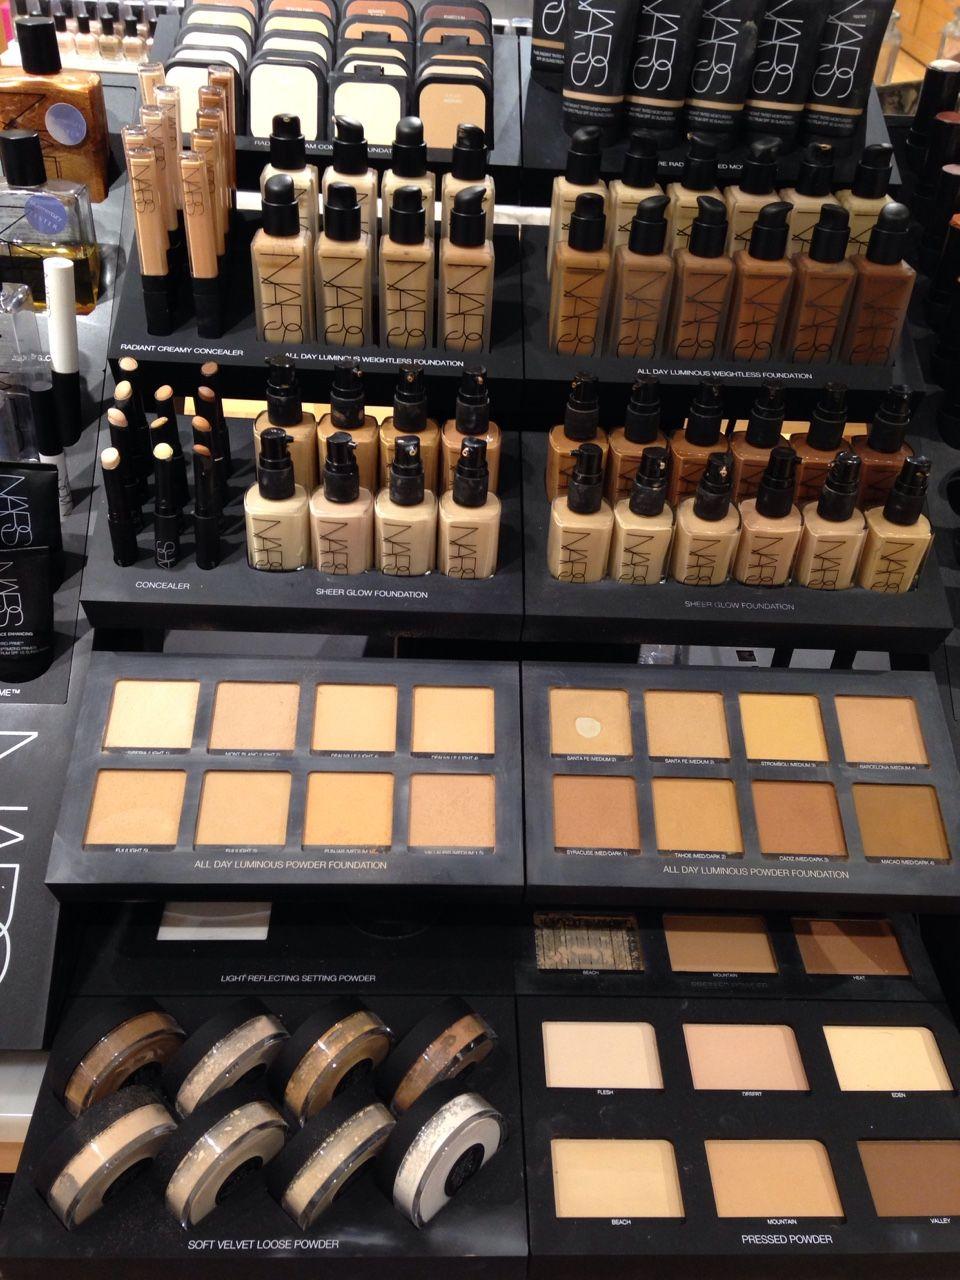 ᏁᎥƙƘᎥ ℒᎧᏤᏋᎦ Makeup brands, Luxury makeup, Makeup cosmetics